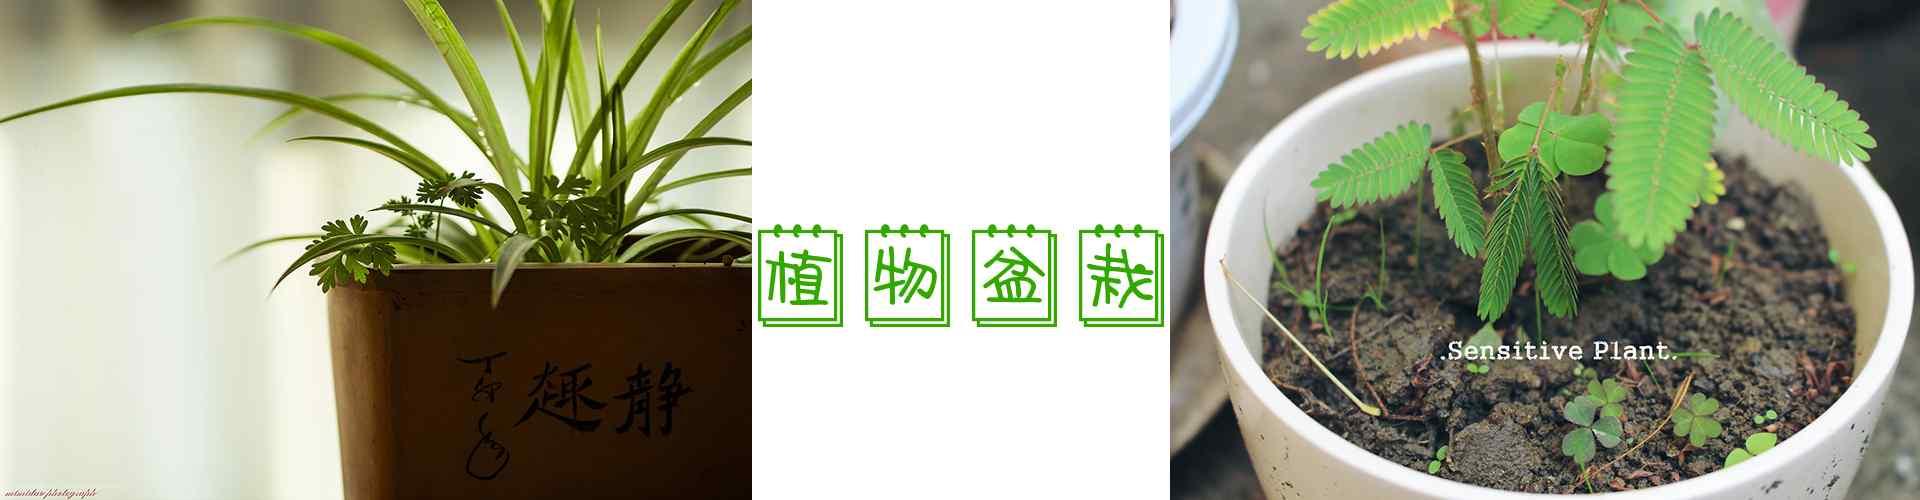 绿色植物盆栽_盆栽图片_薄荷图片_君子兰图片_吊兰图片_多肉图片_发财树图片_植物壁纸